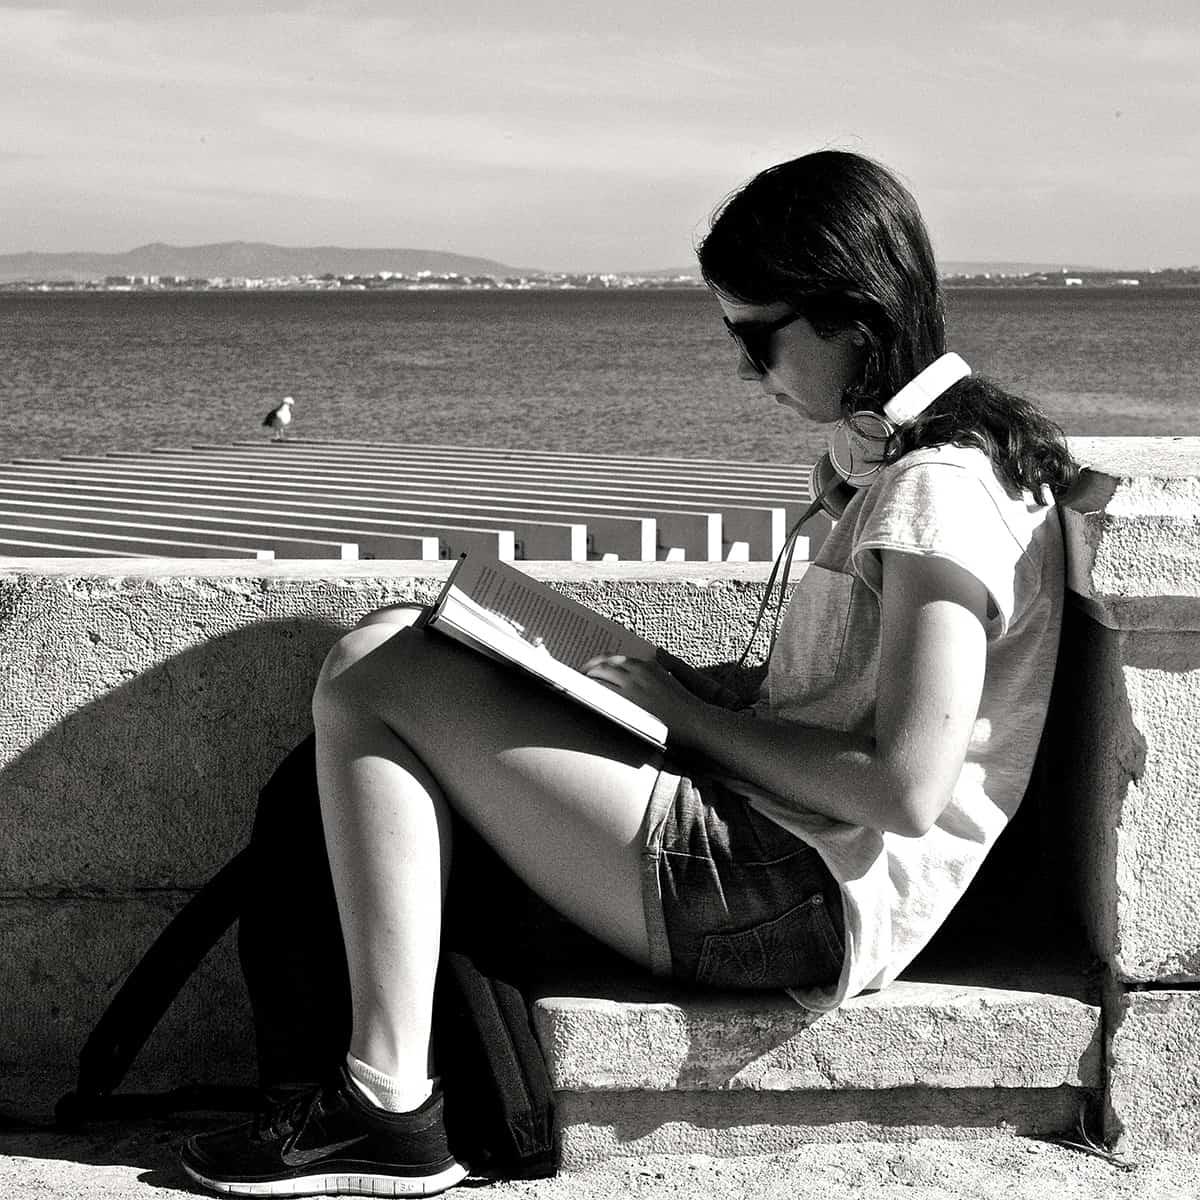 ¿Qué beneficios tiene el leer, especialmente literatura de ficción?